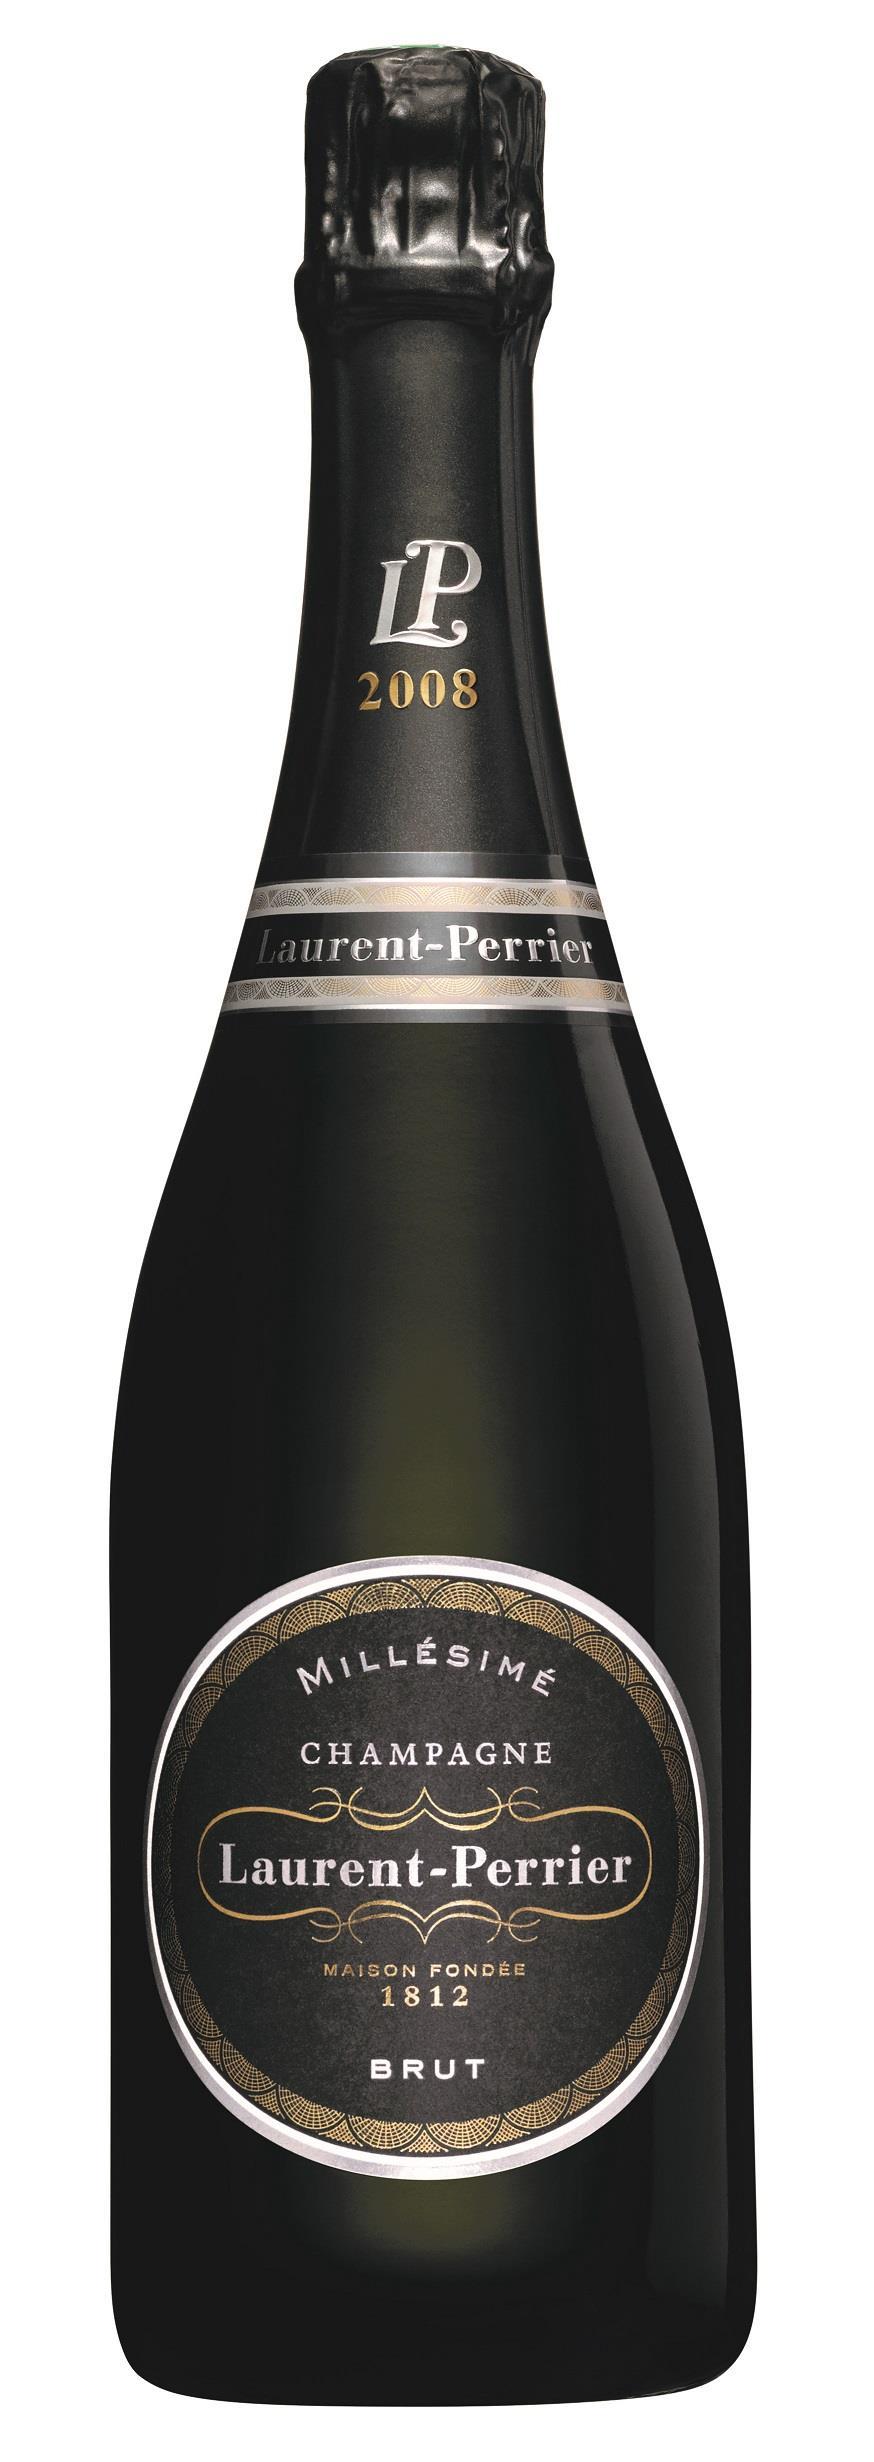 Laurent-Perrier Brut Millésimé Champagne 2008